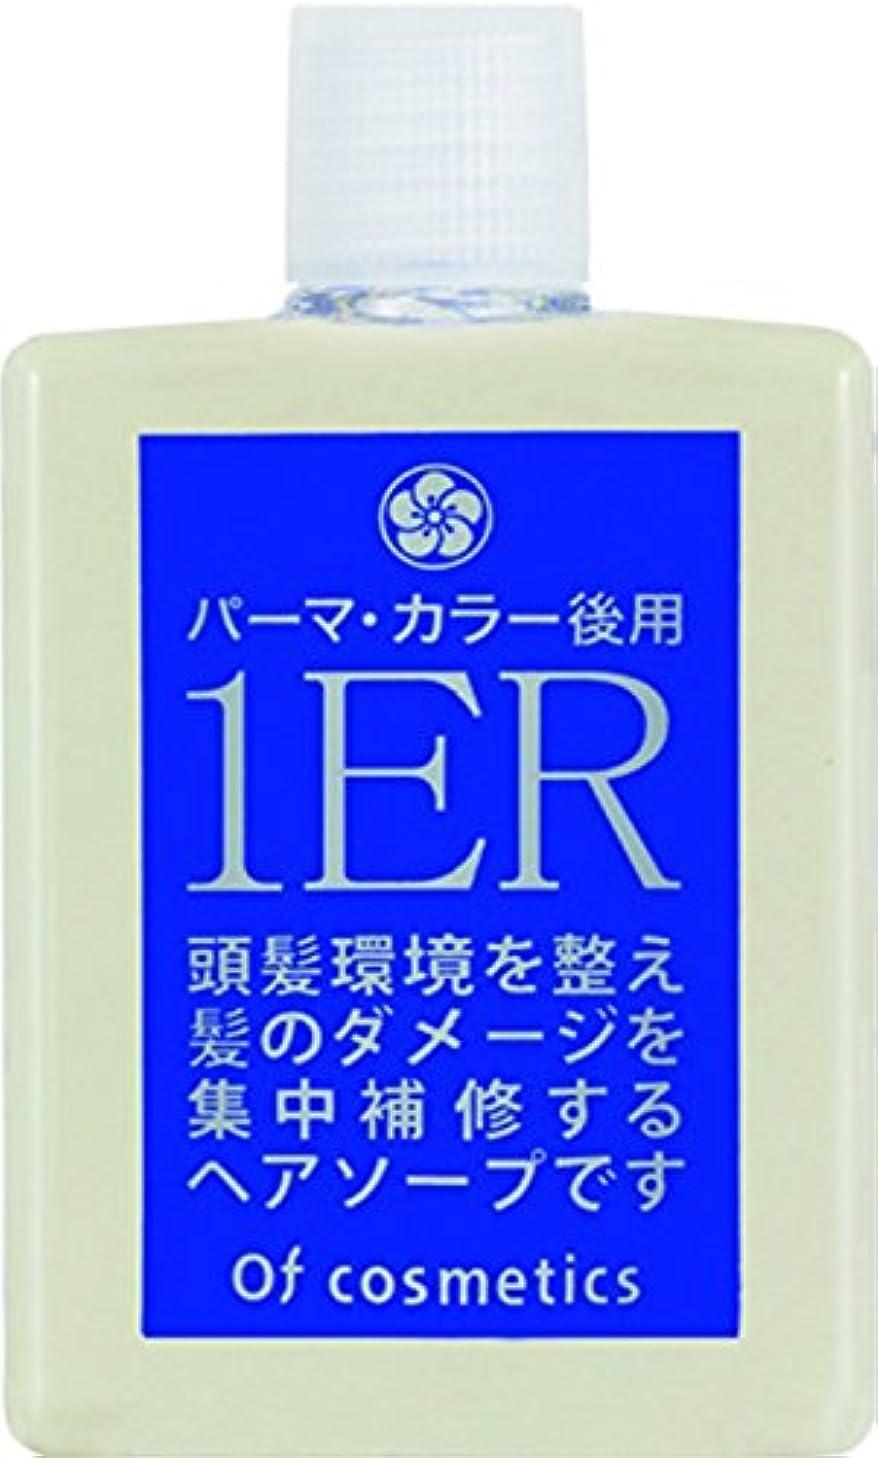 お金リップ品揃えオブ?コスメティックス ソープオブヘア?1-ER スタンダードサイズ (ローズマリーの香り) 60ml